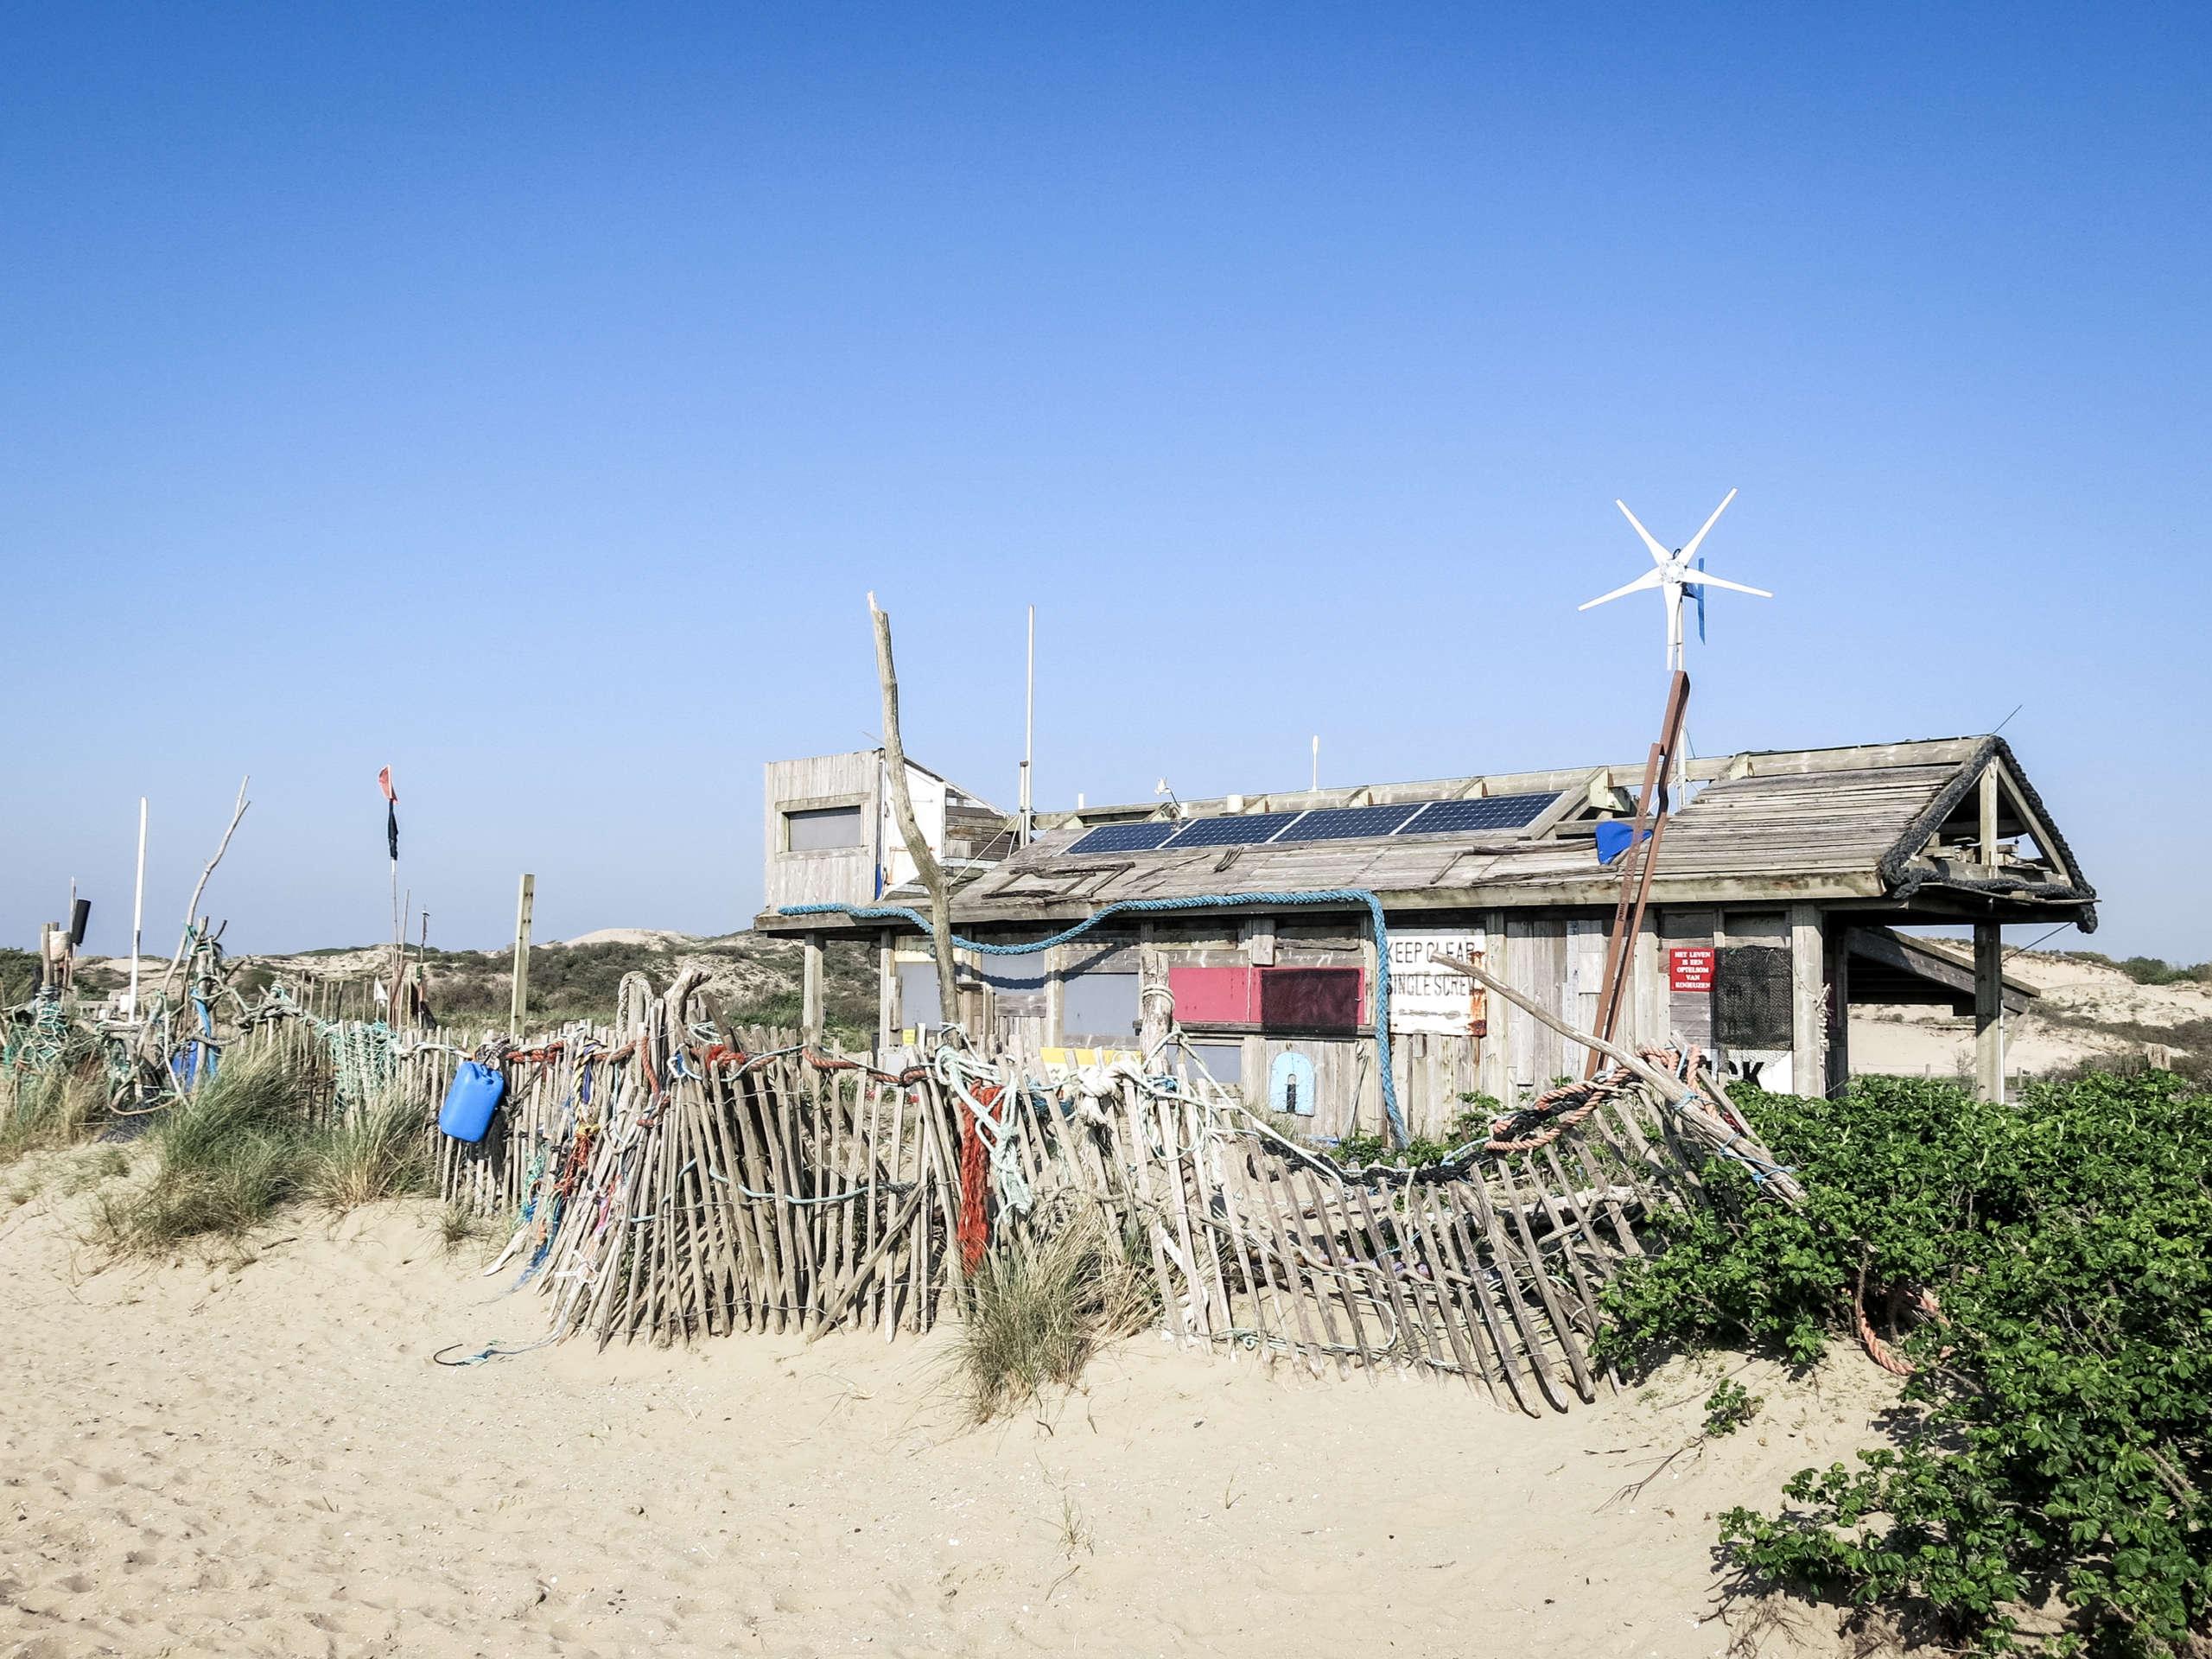 Eine Hütte am Strand in den Niederlanden die einem Strandjutter gehört und als Museum für Strandgut genutzt wird